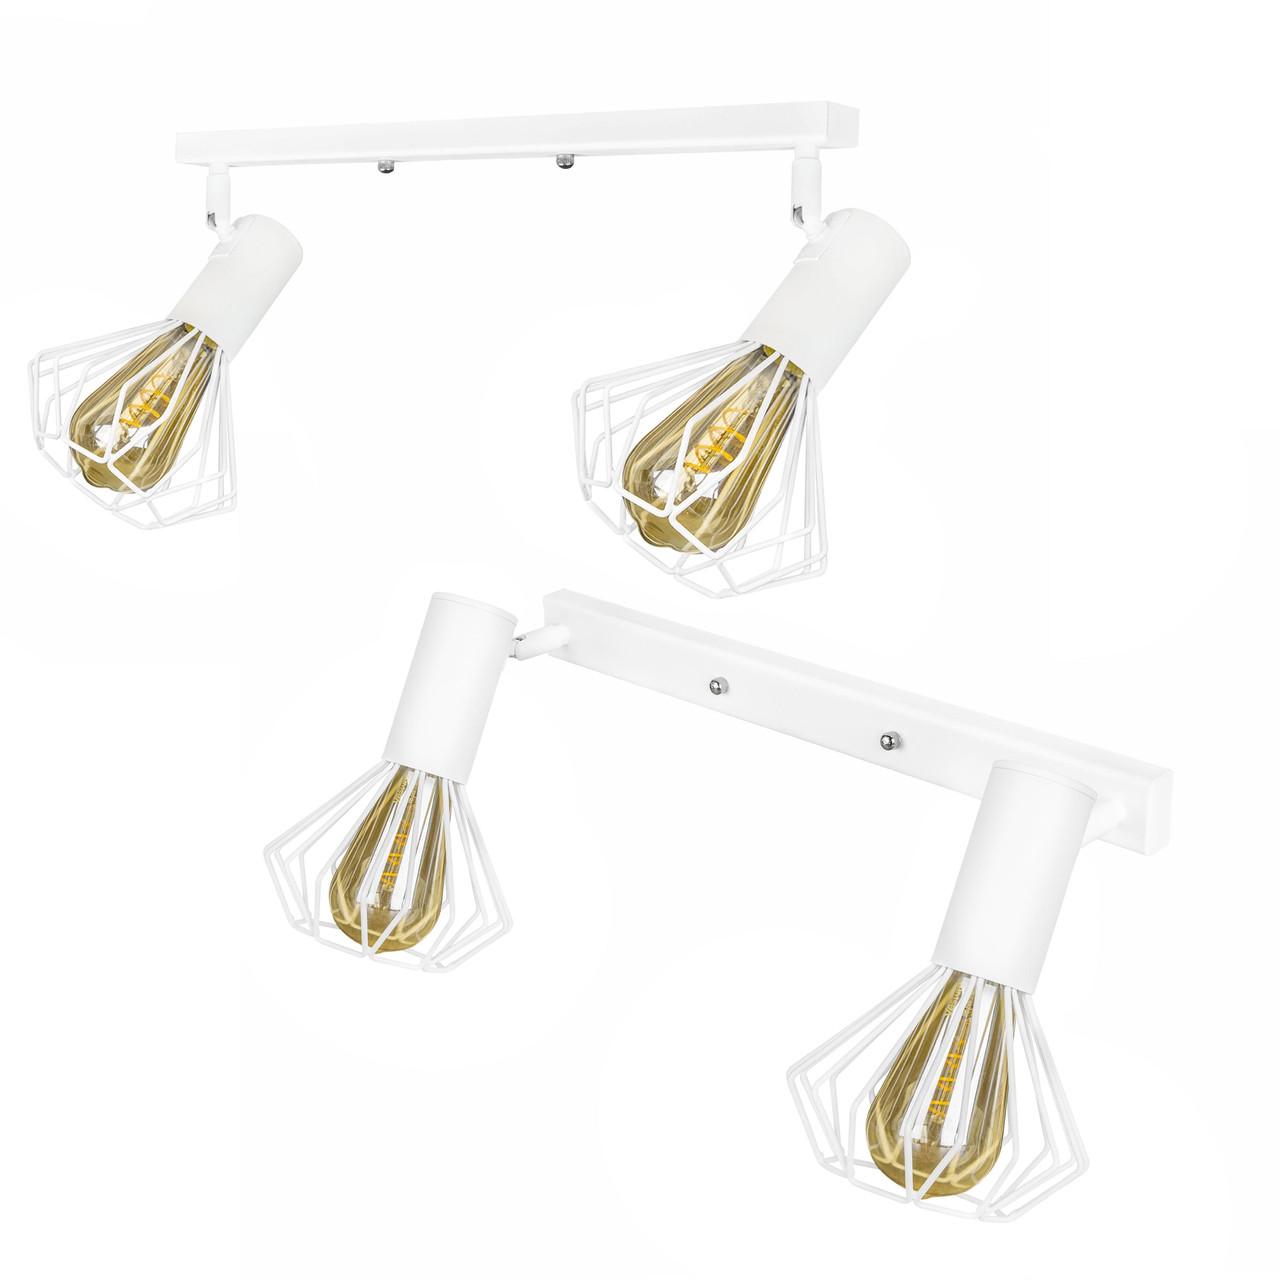 Світильник лофт MSK Electric Diadem настінно-стельовий NL 22151-2W білий